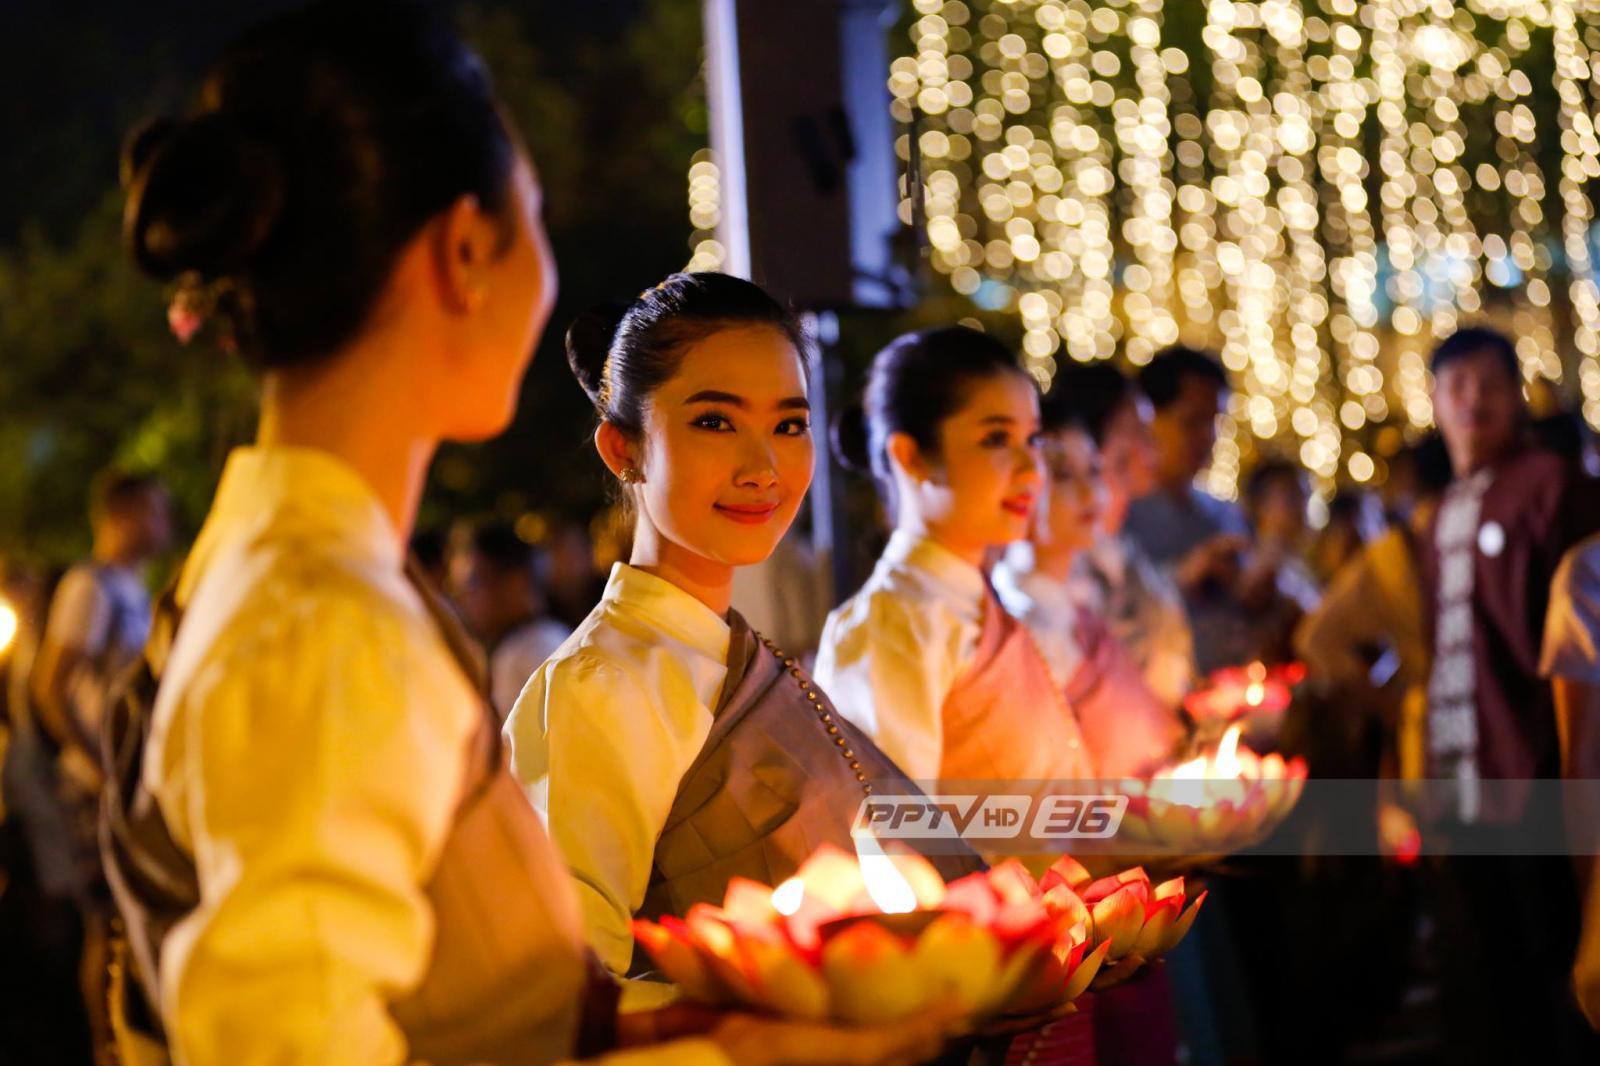 สภากาชาดไทย ชวนปชช.แต่งชุดไทย บริจาคเลือดก่อนลอยกระทง